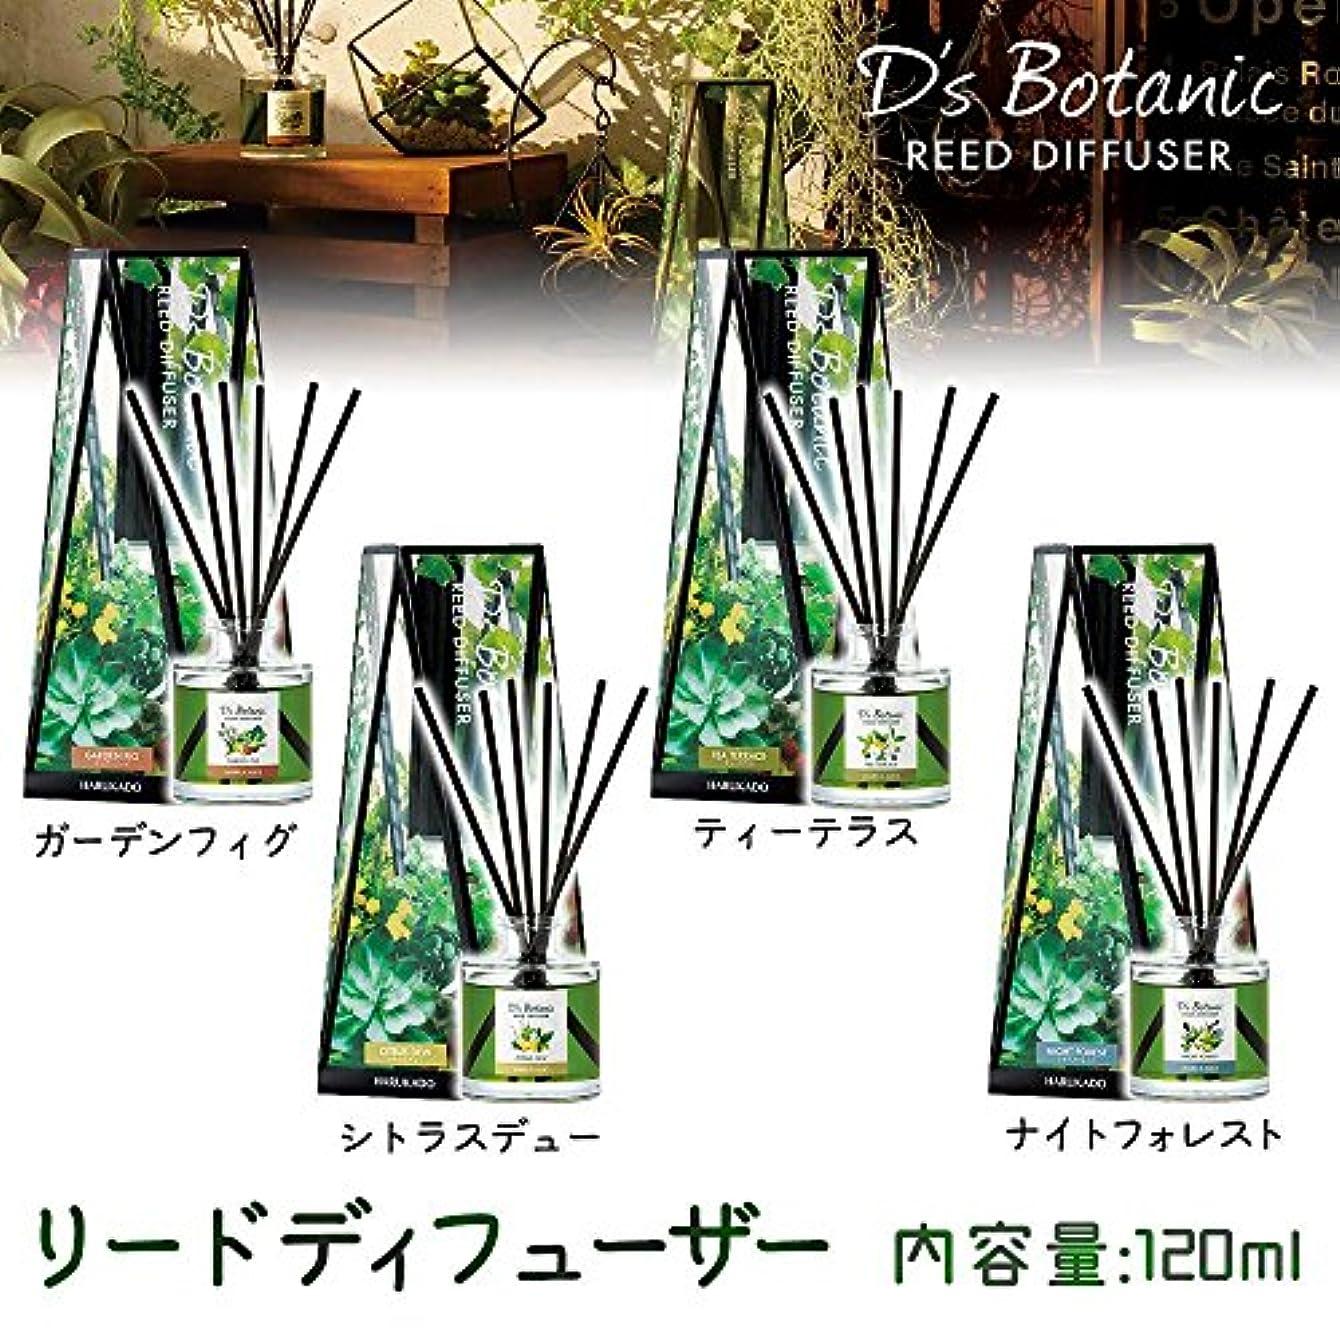 アッティカス作曲家ペッカディロD'S Botanic(デイズボタニック) リードディフューザー ルームフレグランス 120ml シトラスデュー?6229【人気 おすすめ 】